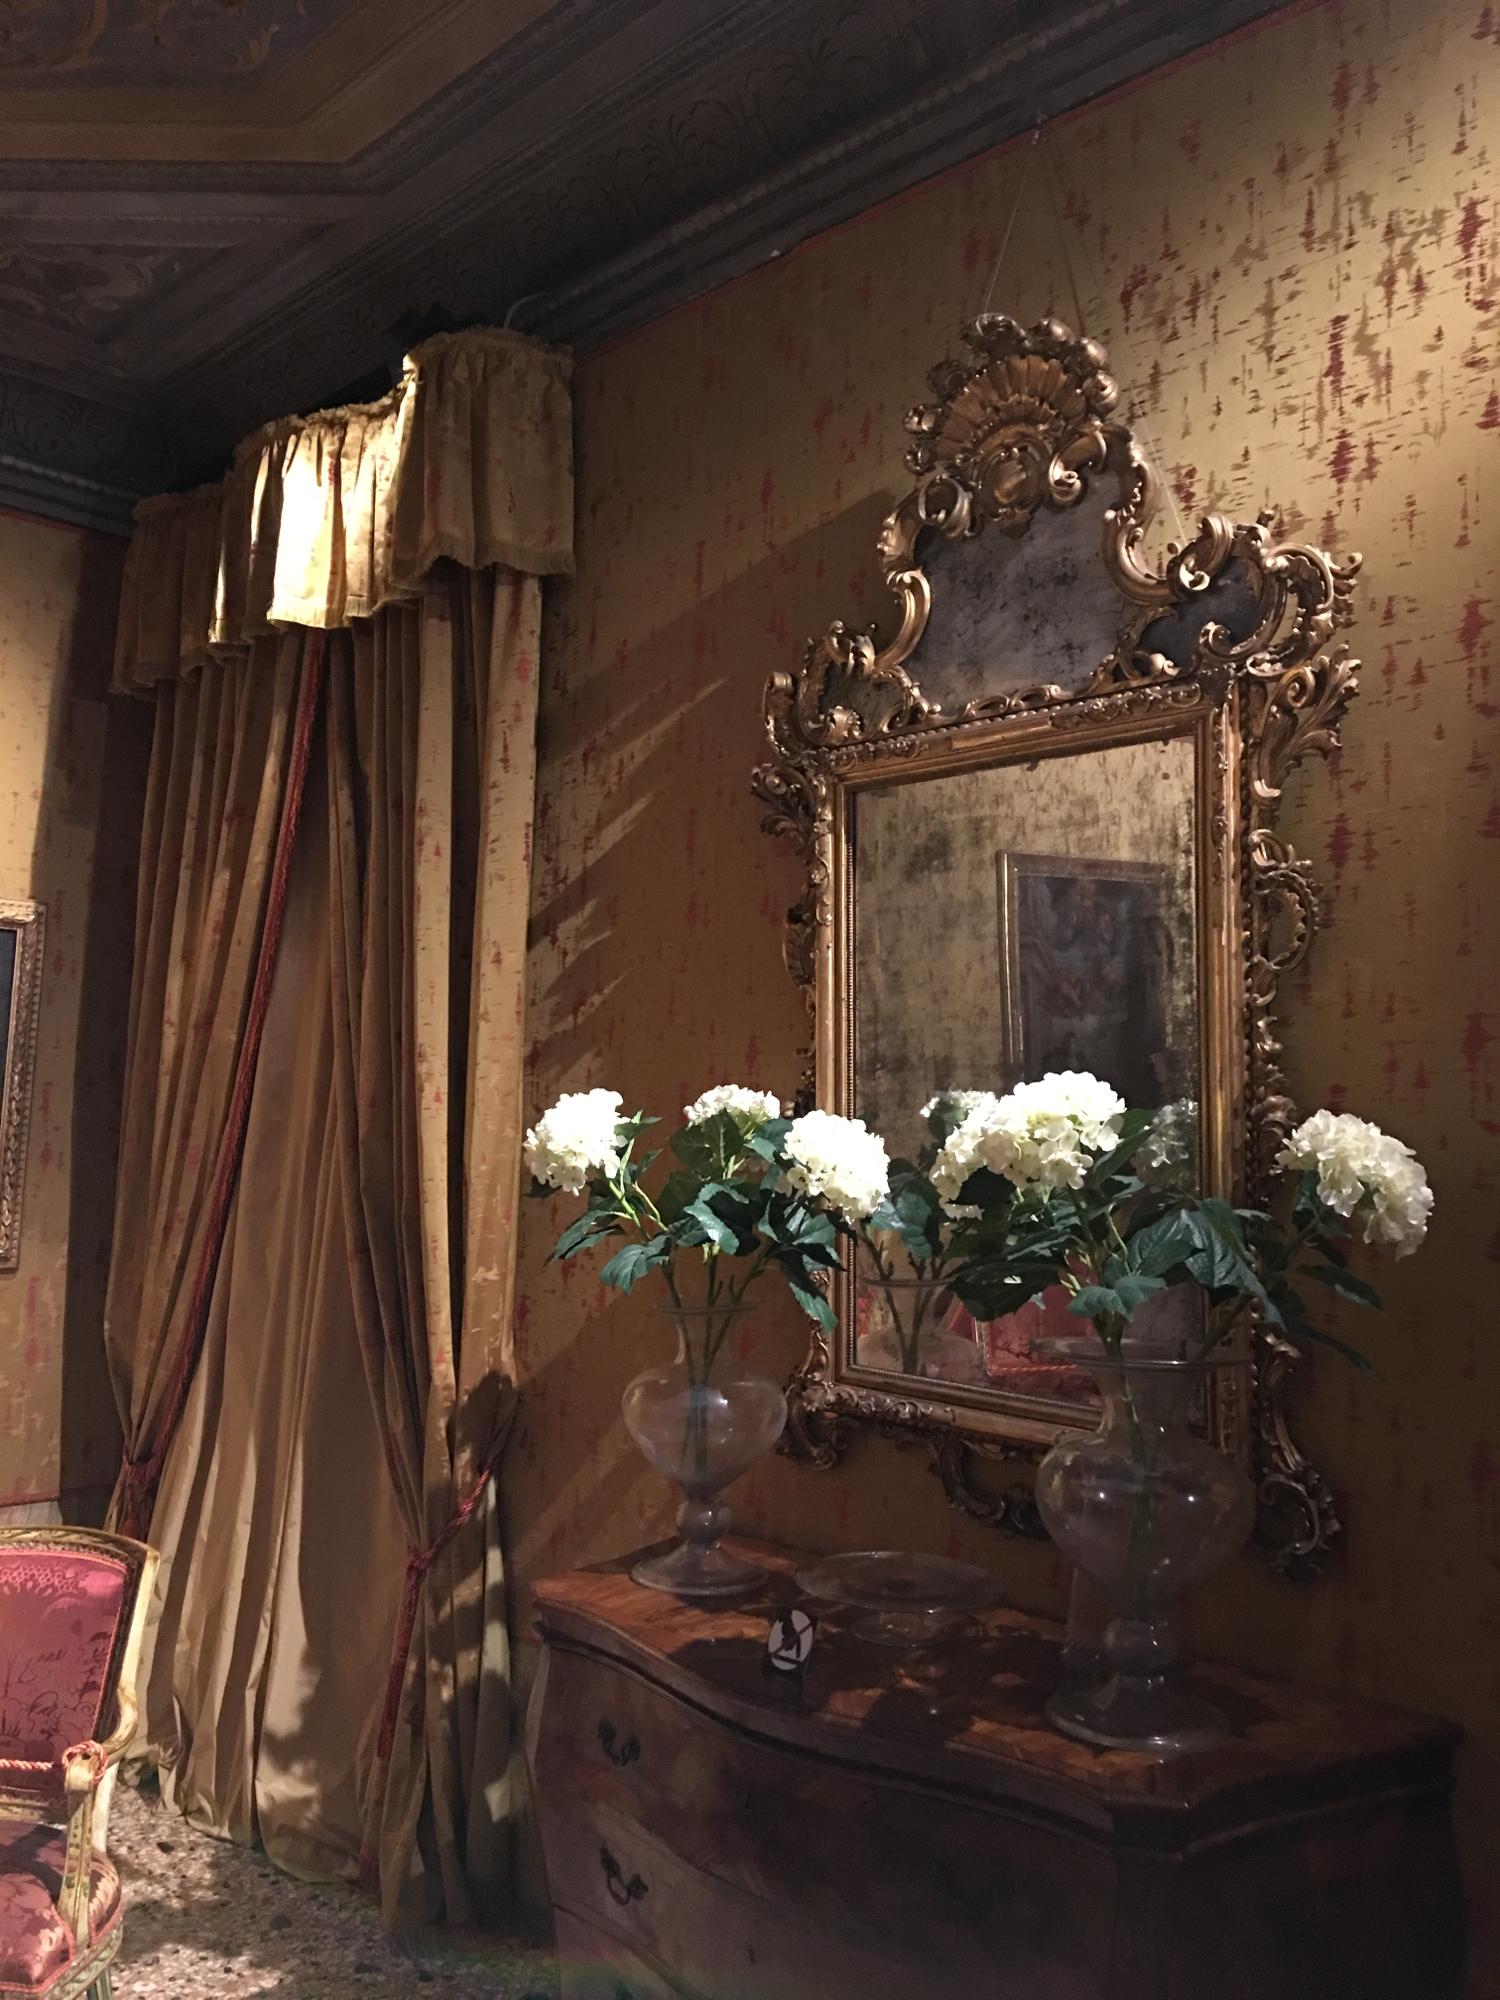 rocaille-blog-venezia-palazzo-mocenigo-museo-costume-34